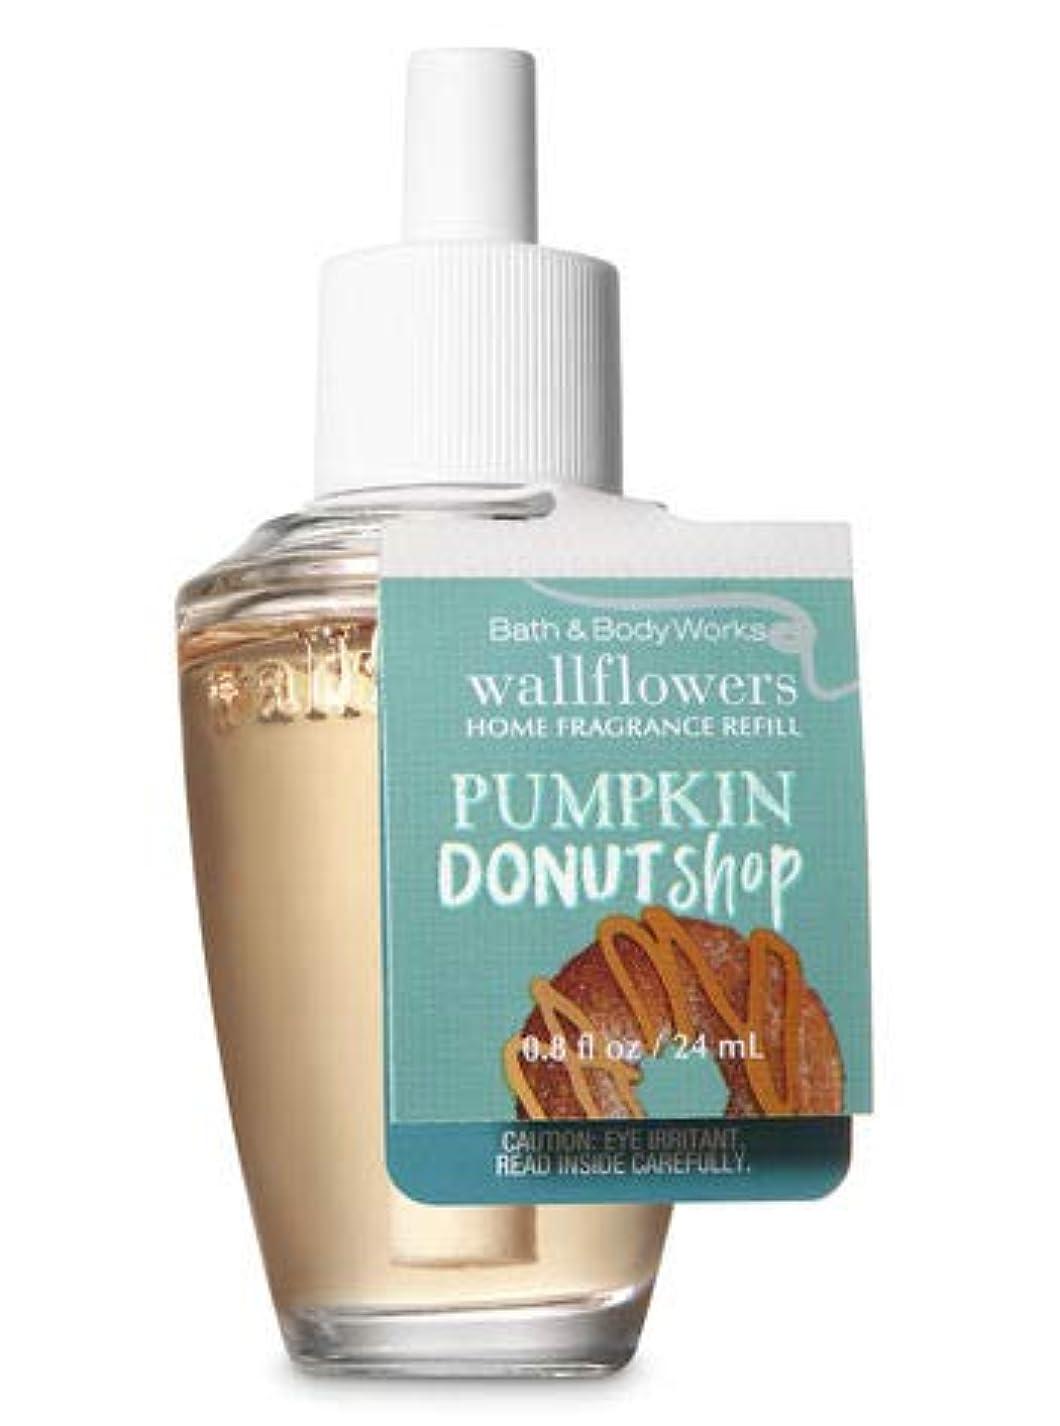 メカニックミキサー子音【Bath&Body Works/バス&ボディワークス】 ルームフレグランス 詰替えリフィル パンプキンドーナツショップ Wallflowers Home Fragrance Refill Pumpkin Donut Shop [並行輸入品]